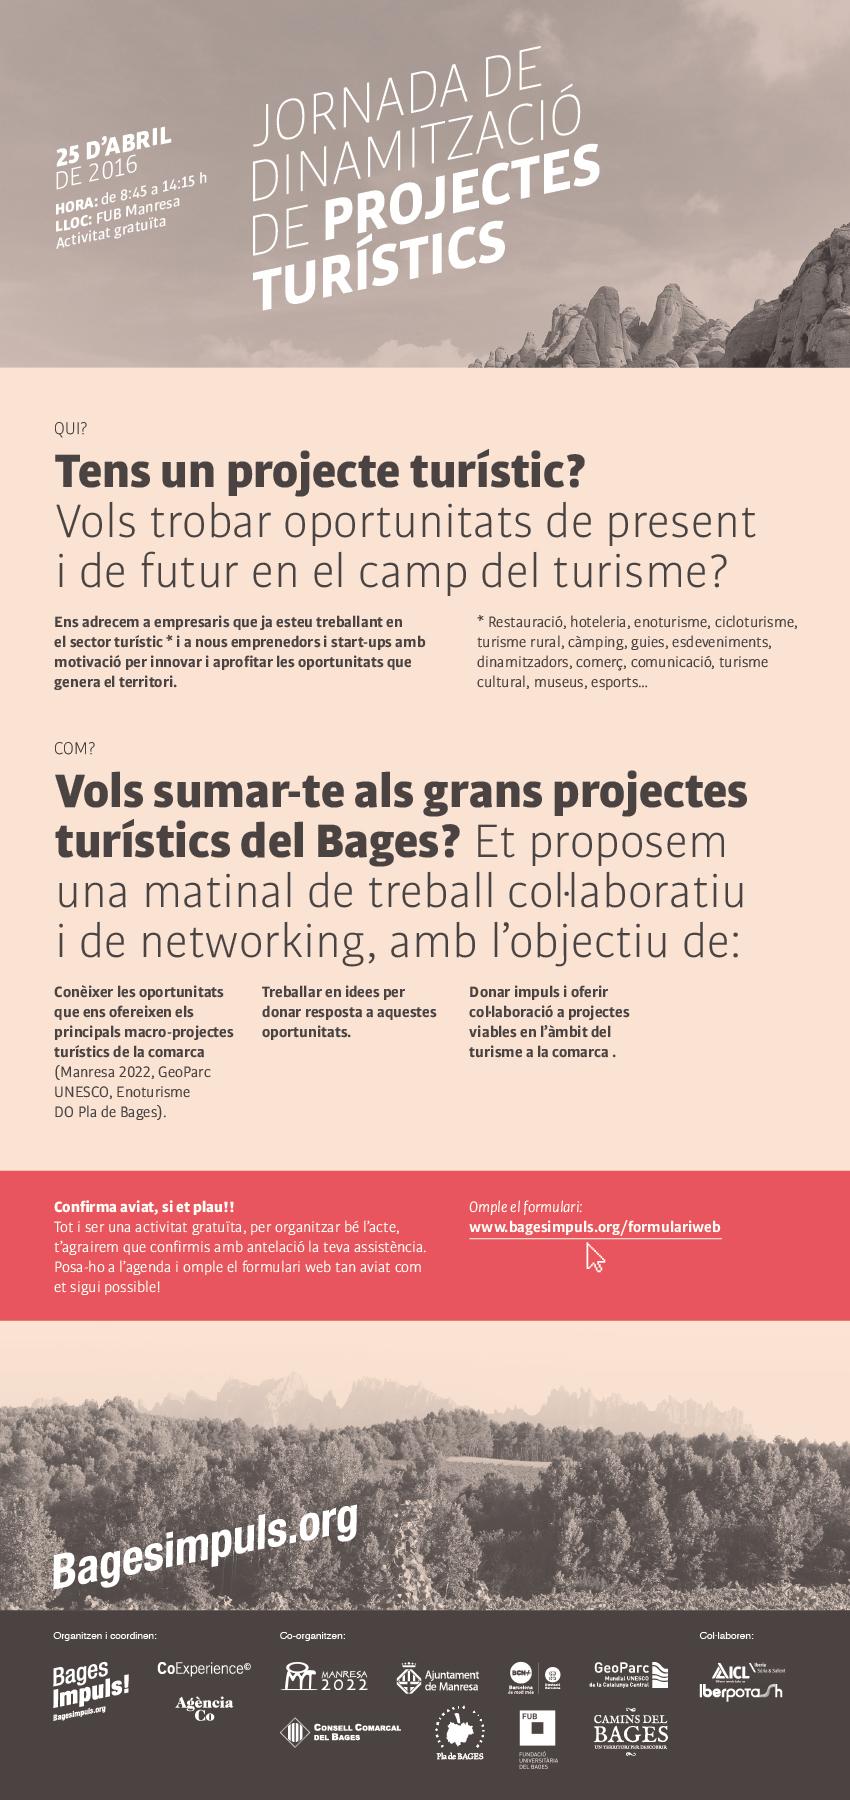 bages-impuls-jornada-de-dinamitzacio-de-projectes-turistics-2016